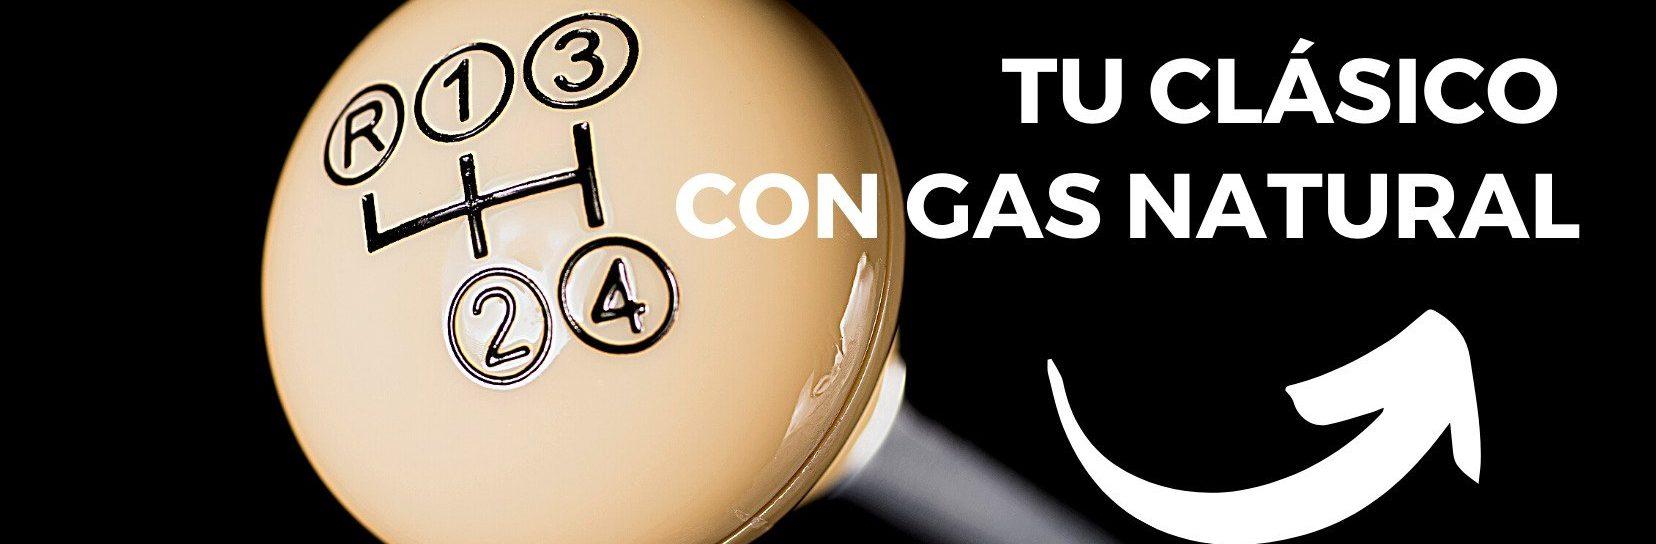 CLÁSICO CON GAS NATURAL